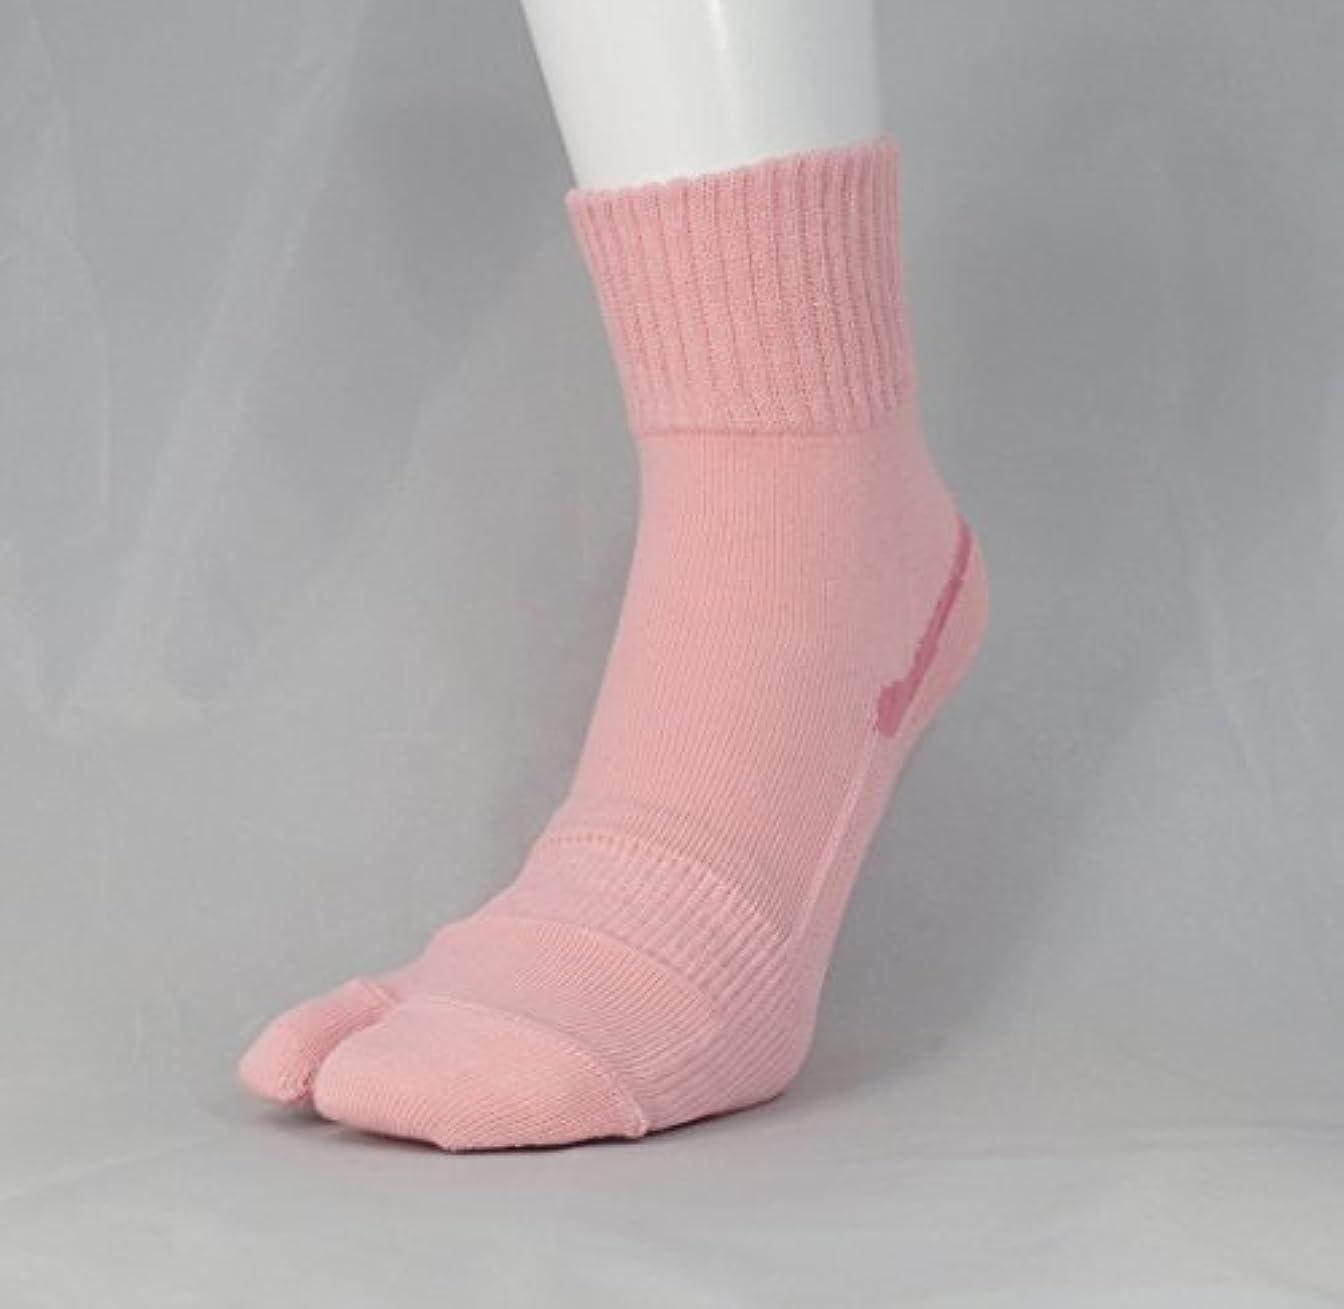 穿孔するフィットネス綺麗な【あしサポ】履くだけで足がラクにひらく靴下 外反母趾に (Mサイズ(23-24センチ), ピンク)